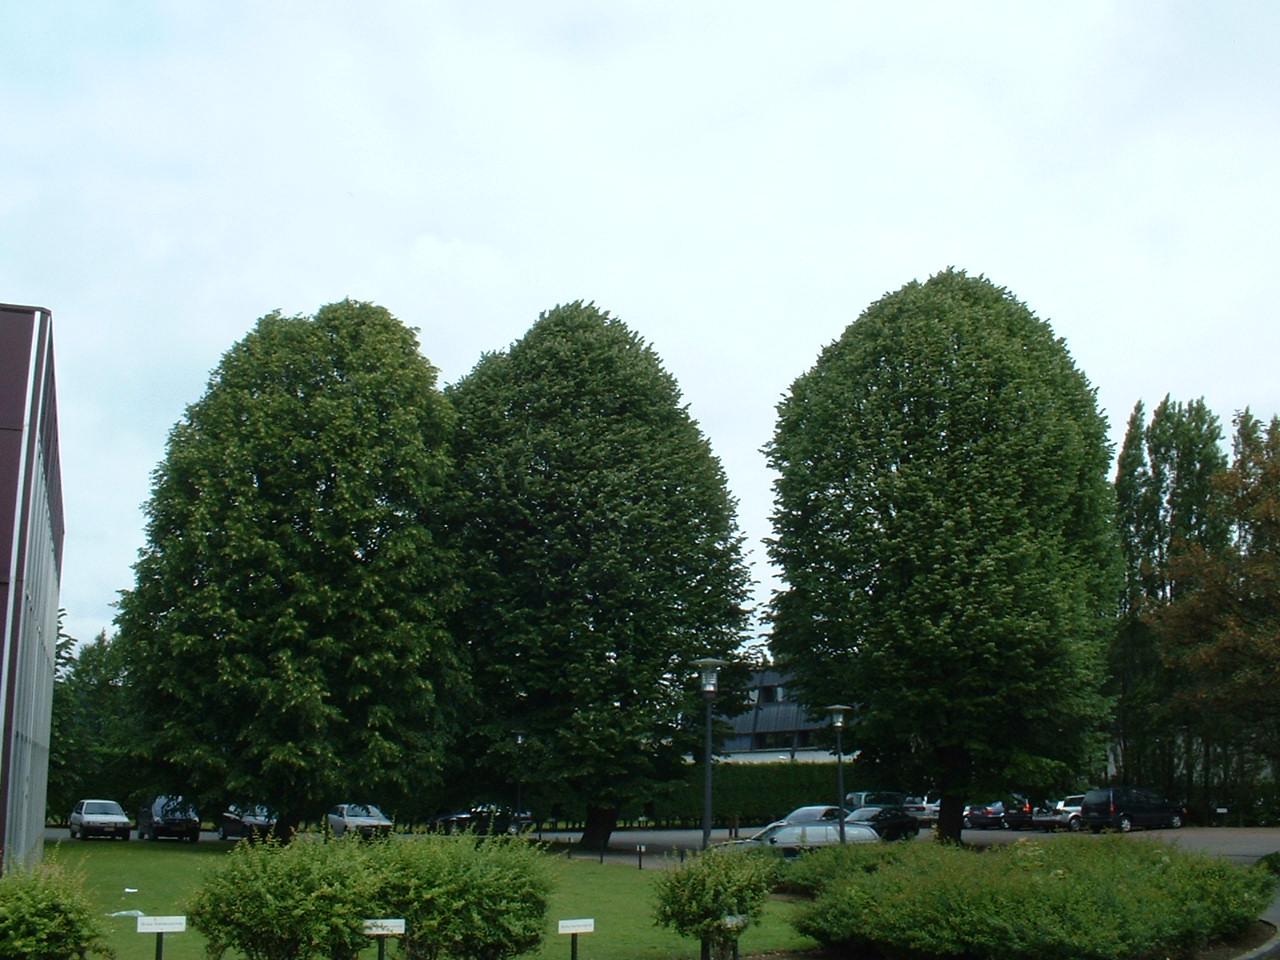 Tilleul à larges feuilles – Evere, Avenue Jules Bordet, 11 –  14 Juin 2002